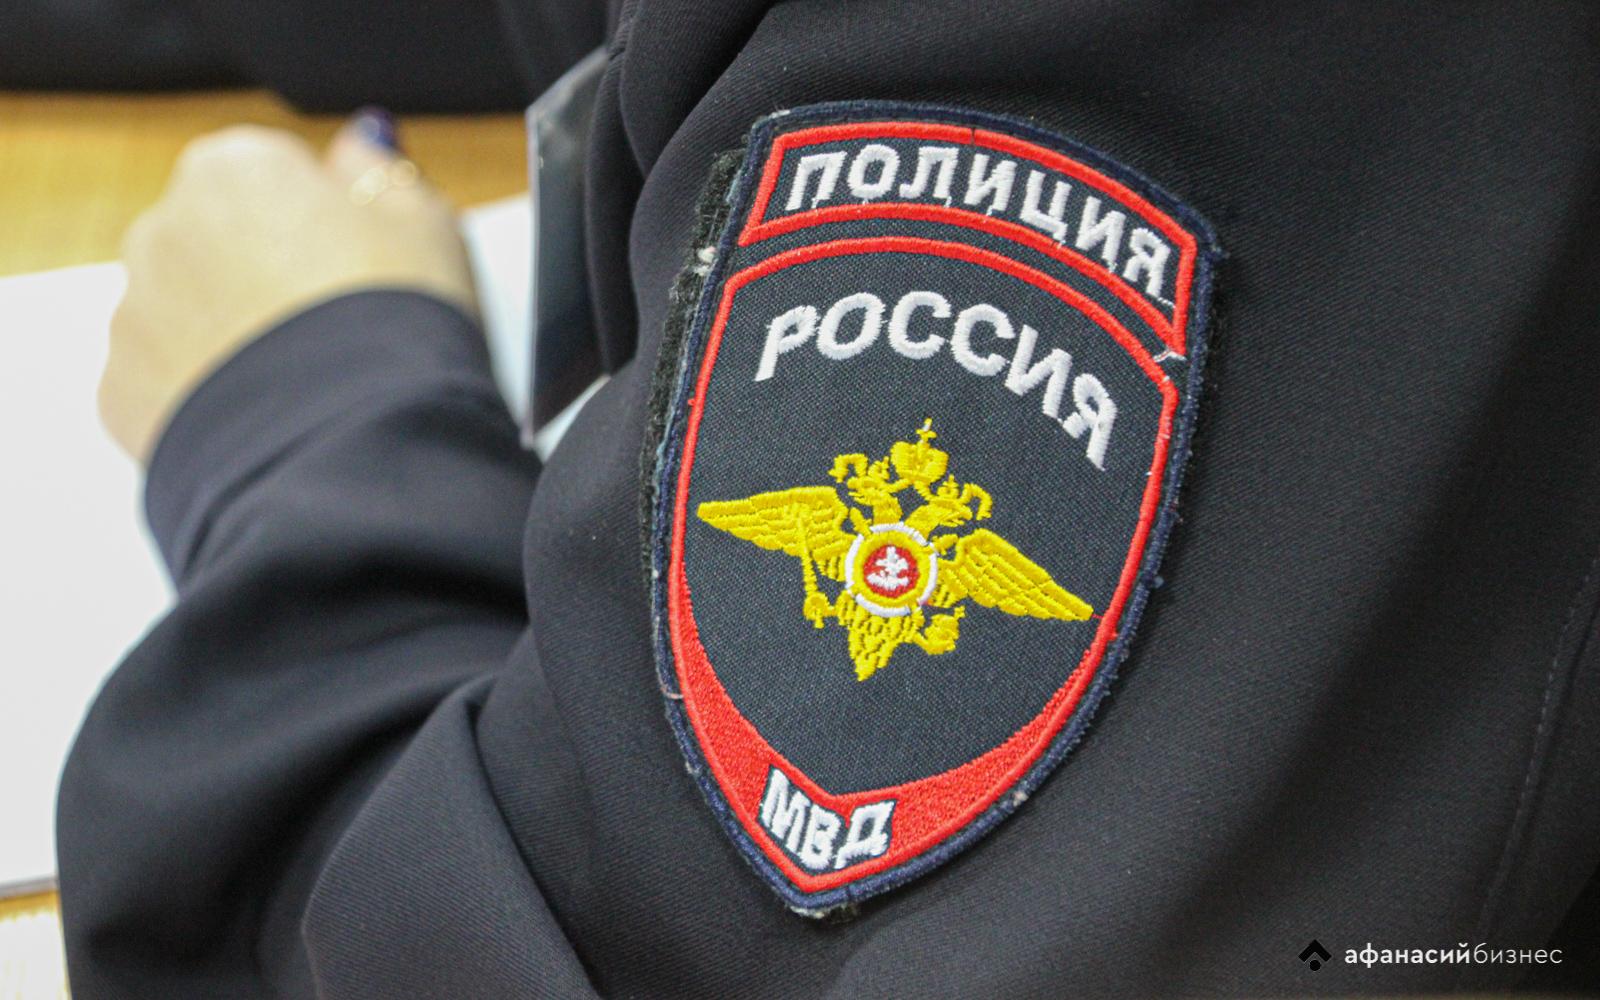 19-летний мошенник из Удомли выманил деньги у жителя Томской области